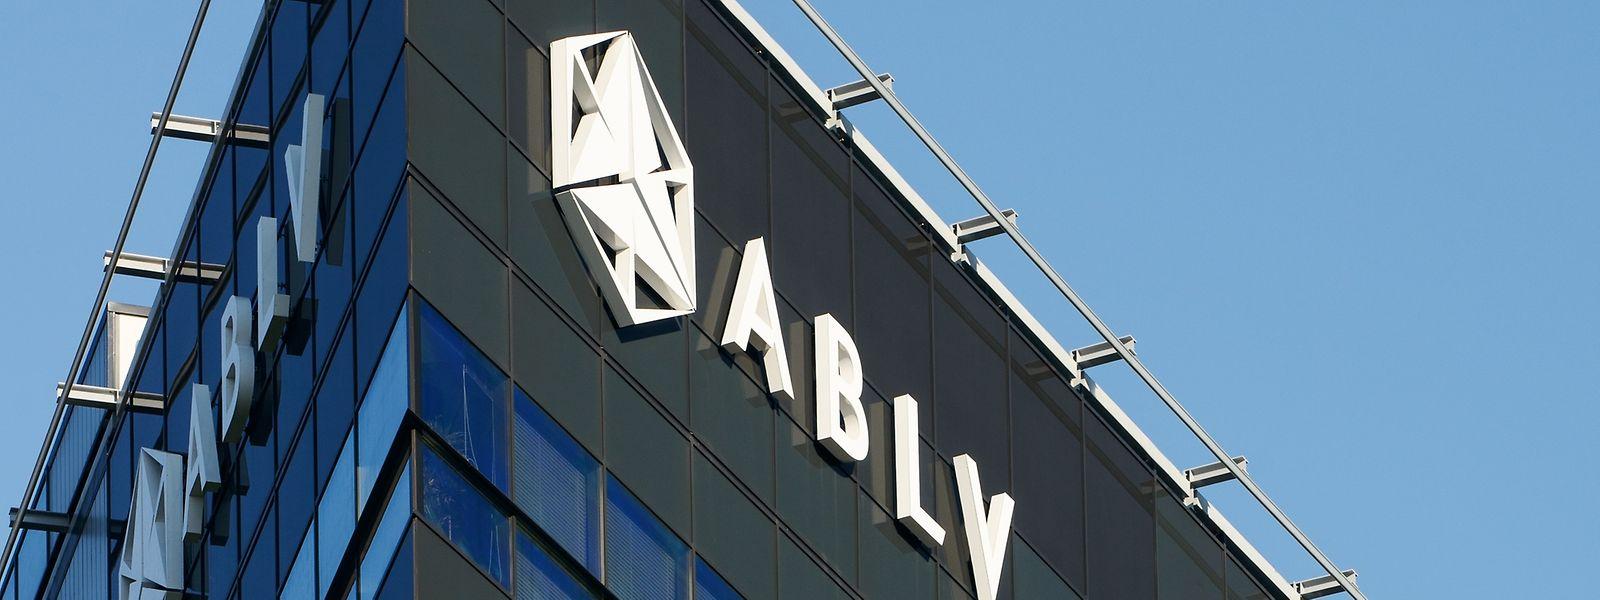 ABLV in Lettland wird abgewickelt - mit einem potenziellen Käufer für das Tochterunternehmen in Luxemburg wird verhandelt.